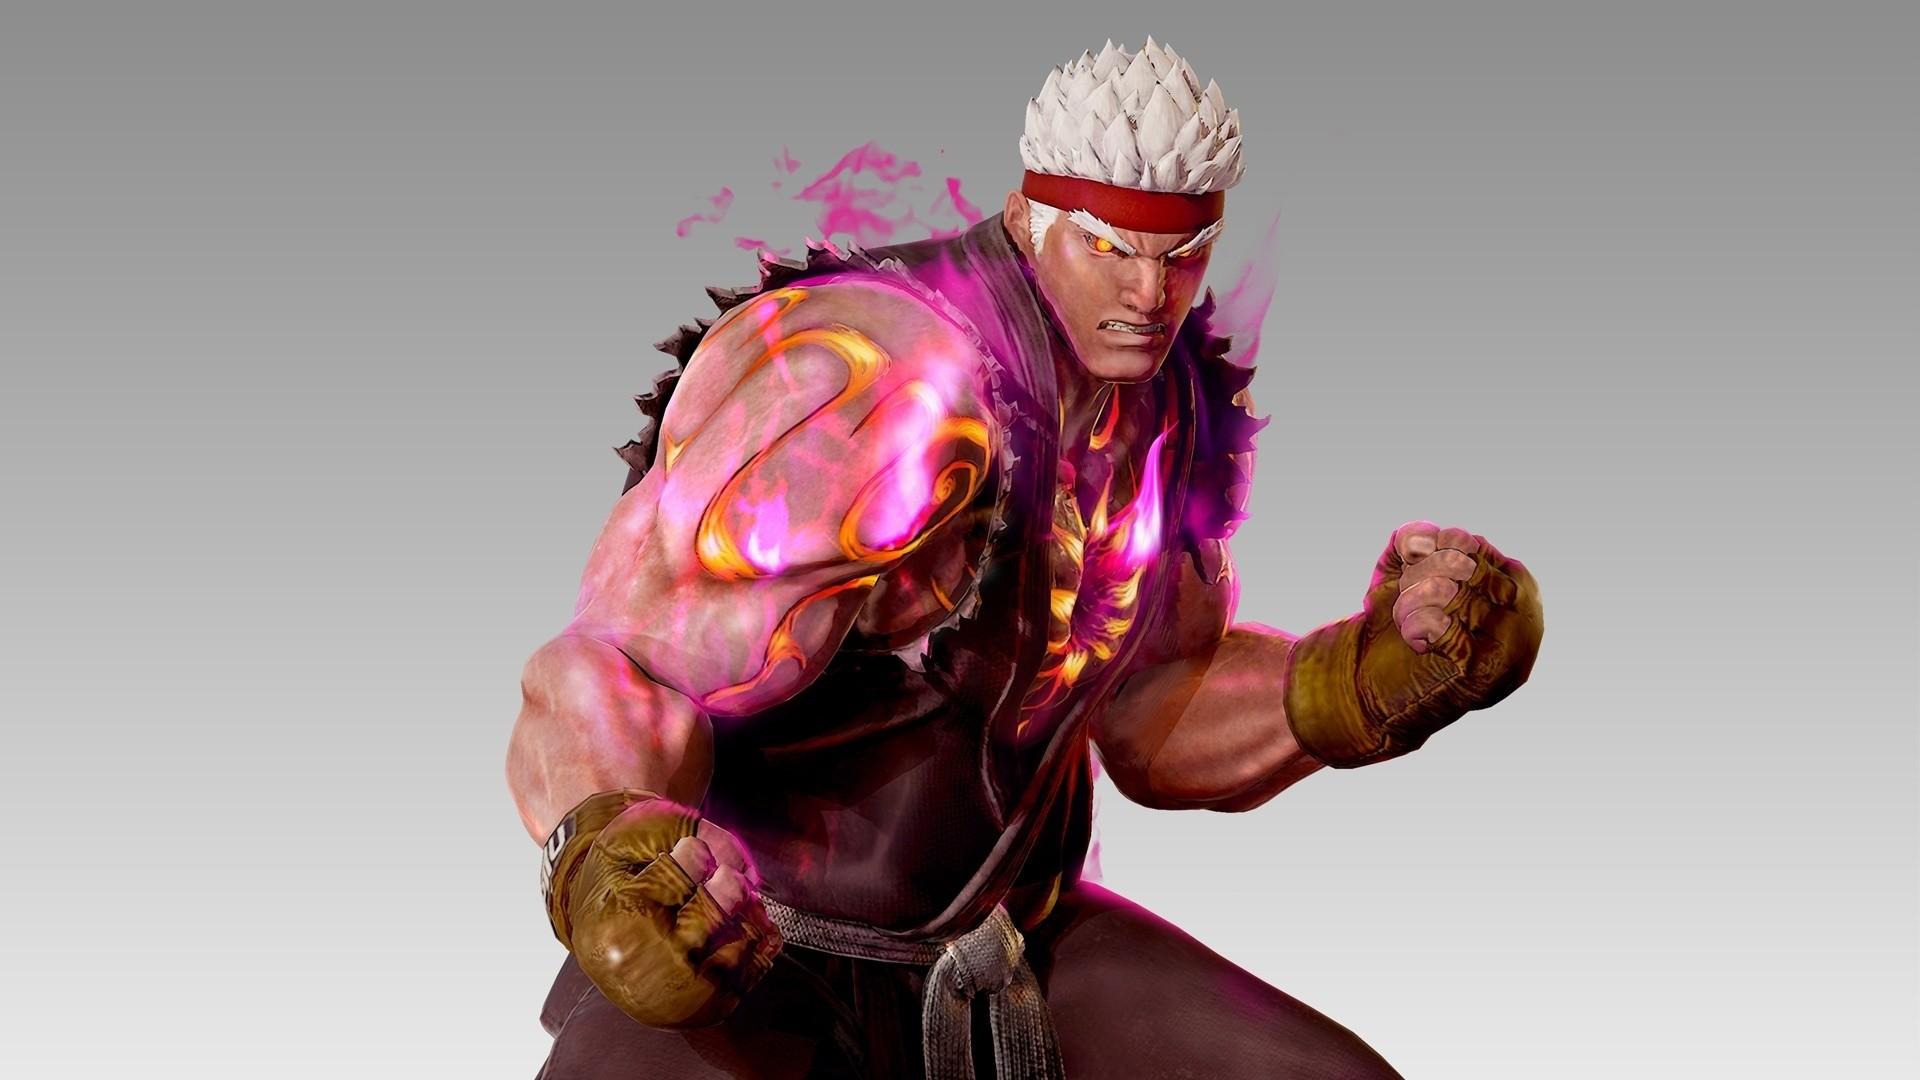 Res: 1920x1080, Video Game, Video Game Backgrounds, Marvel Vs. Capcom Infinite, Evil Ryu  Marvel